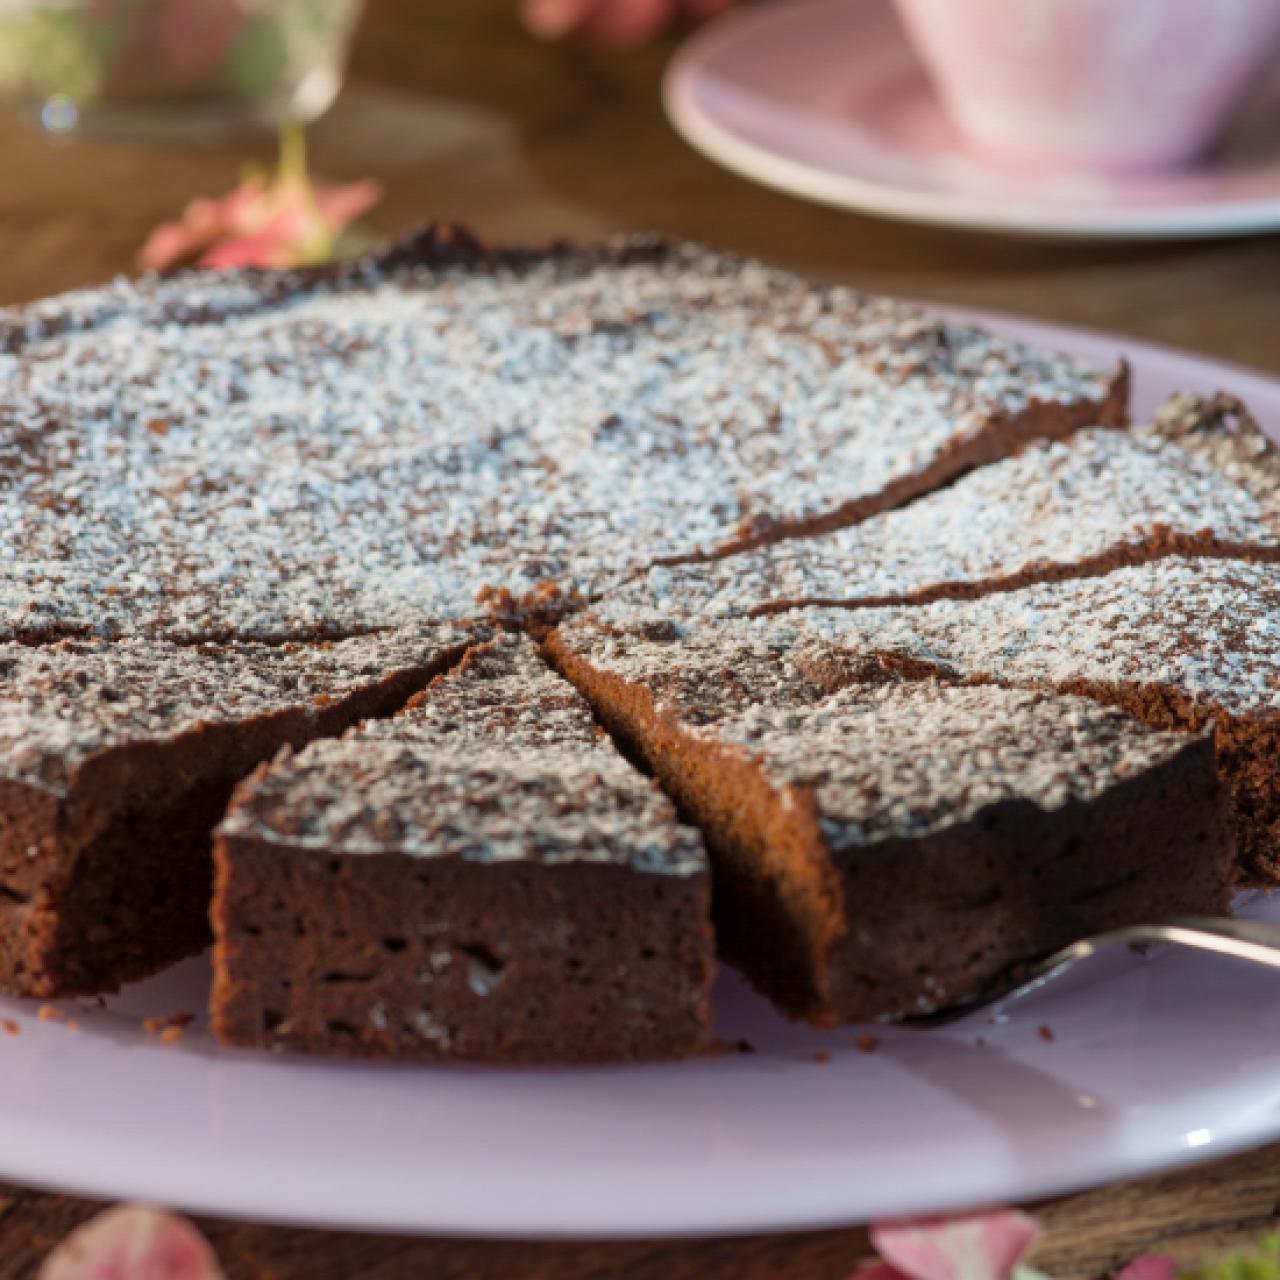 dunkler schokoladen nuss kuchen rezepte wochenblatt f r landwirtschaft landleben. Black Bedroom Furniture Sets. Home Design Ideas